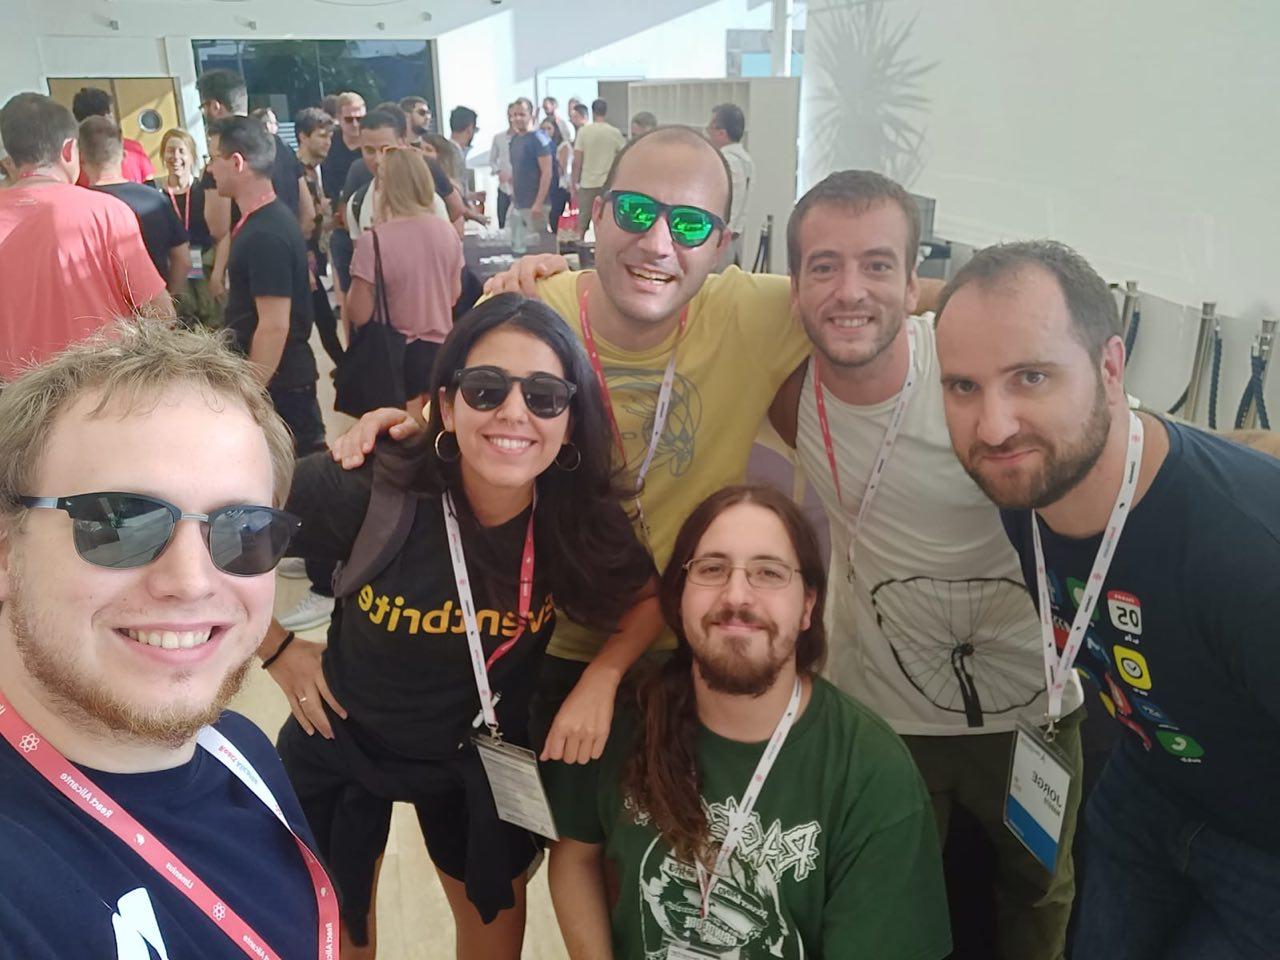 Eventbrite's Team at React Alicante